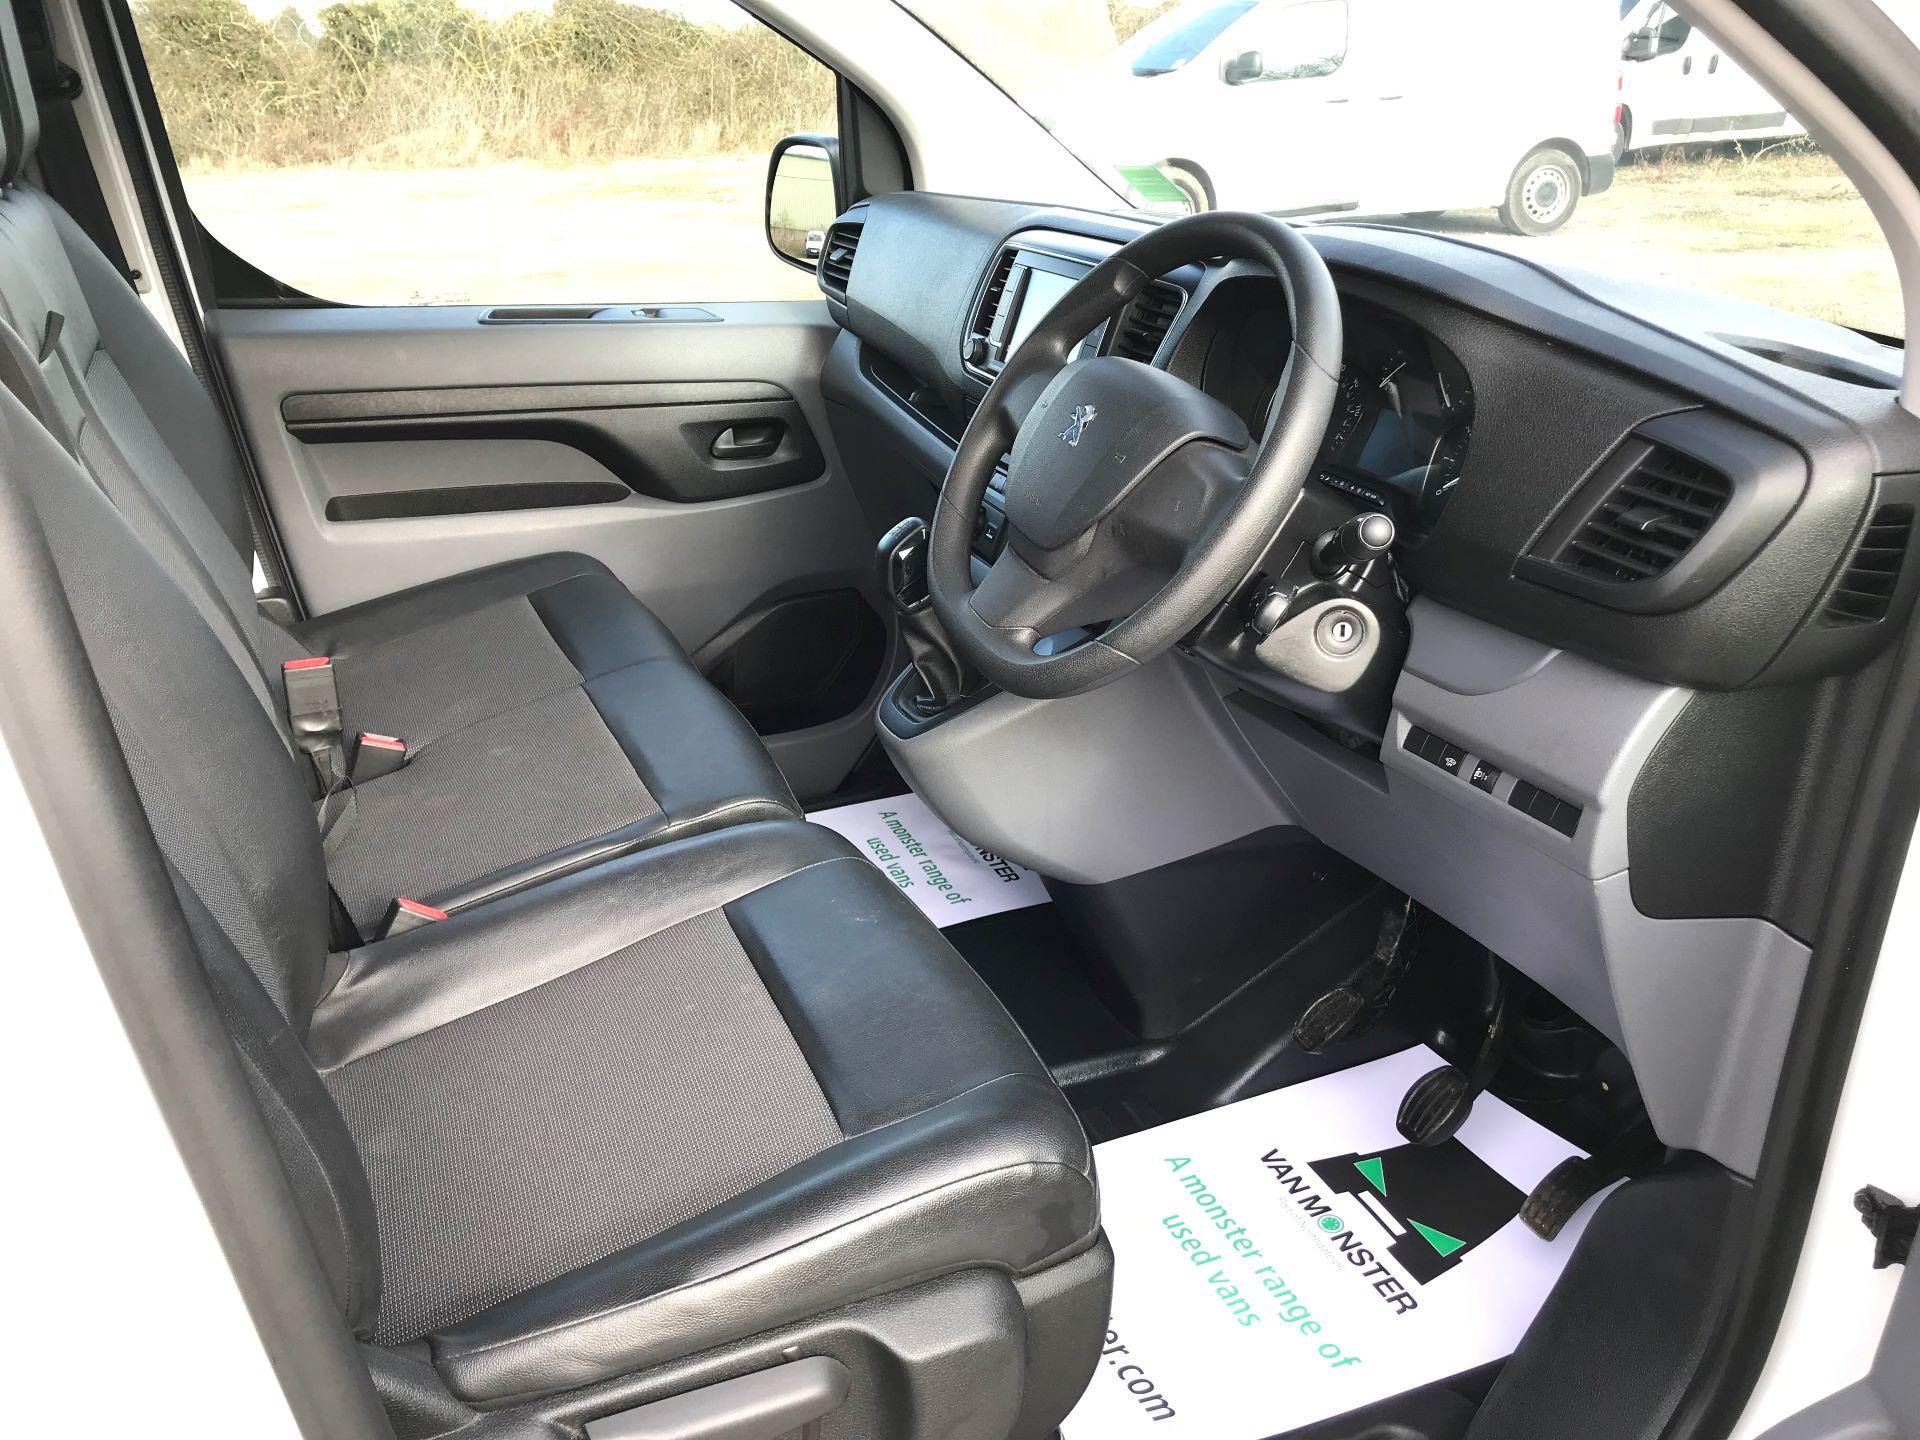 2018 Peugeot Expert  STANDARD 1000 1.6 BLUEHDI 95 S EURO 6 (NU68OFJ) Image 23